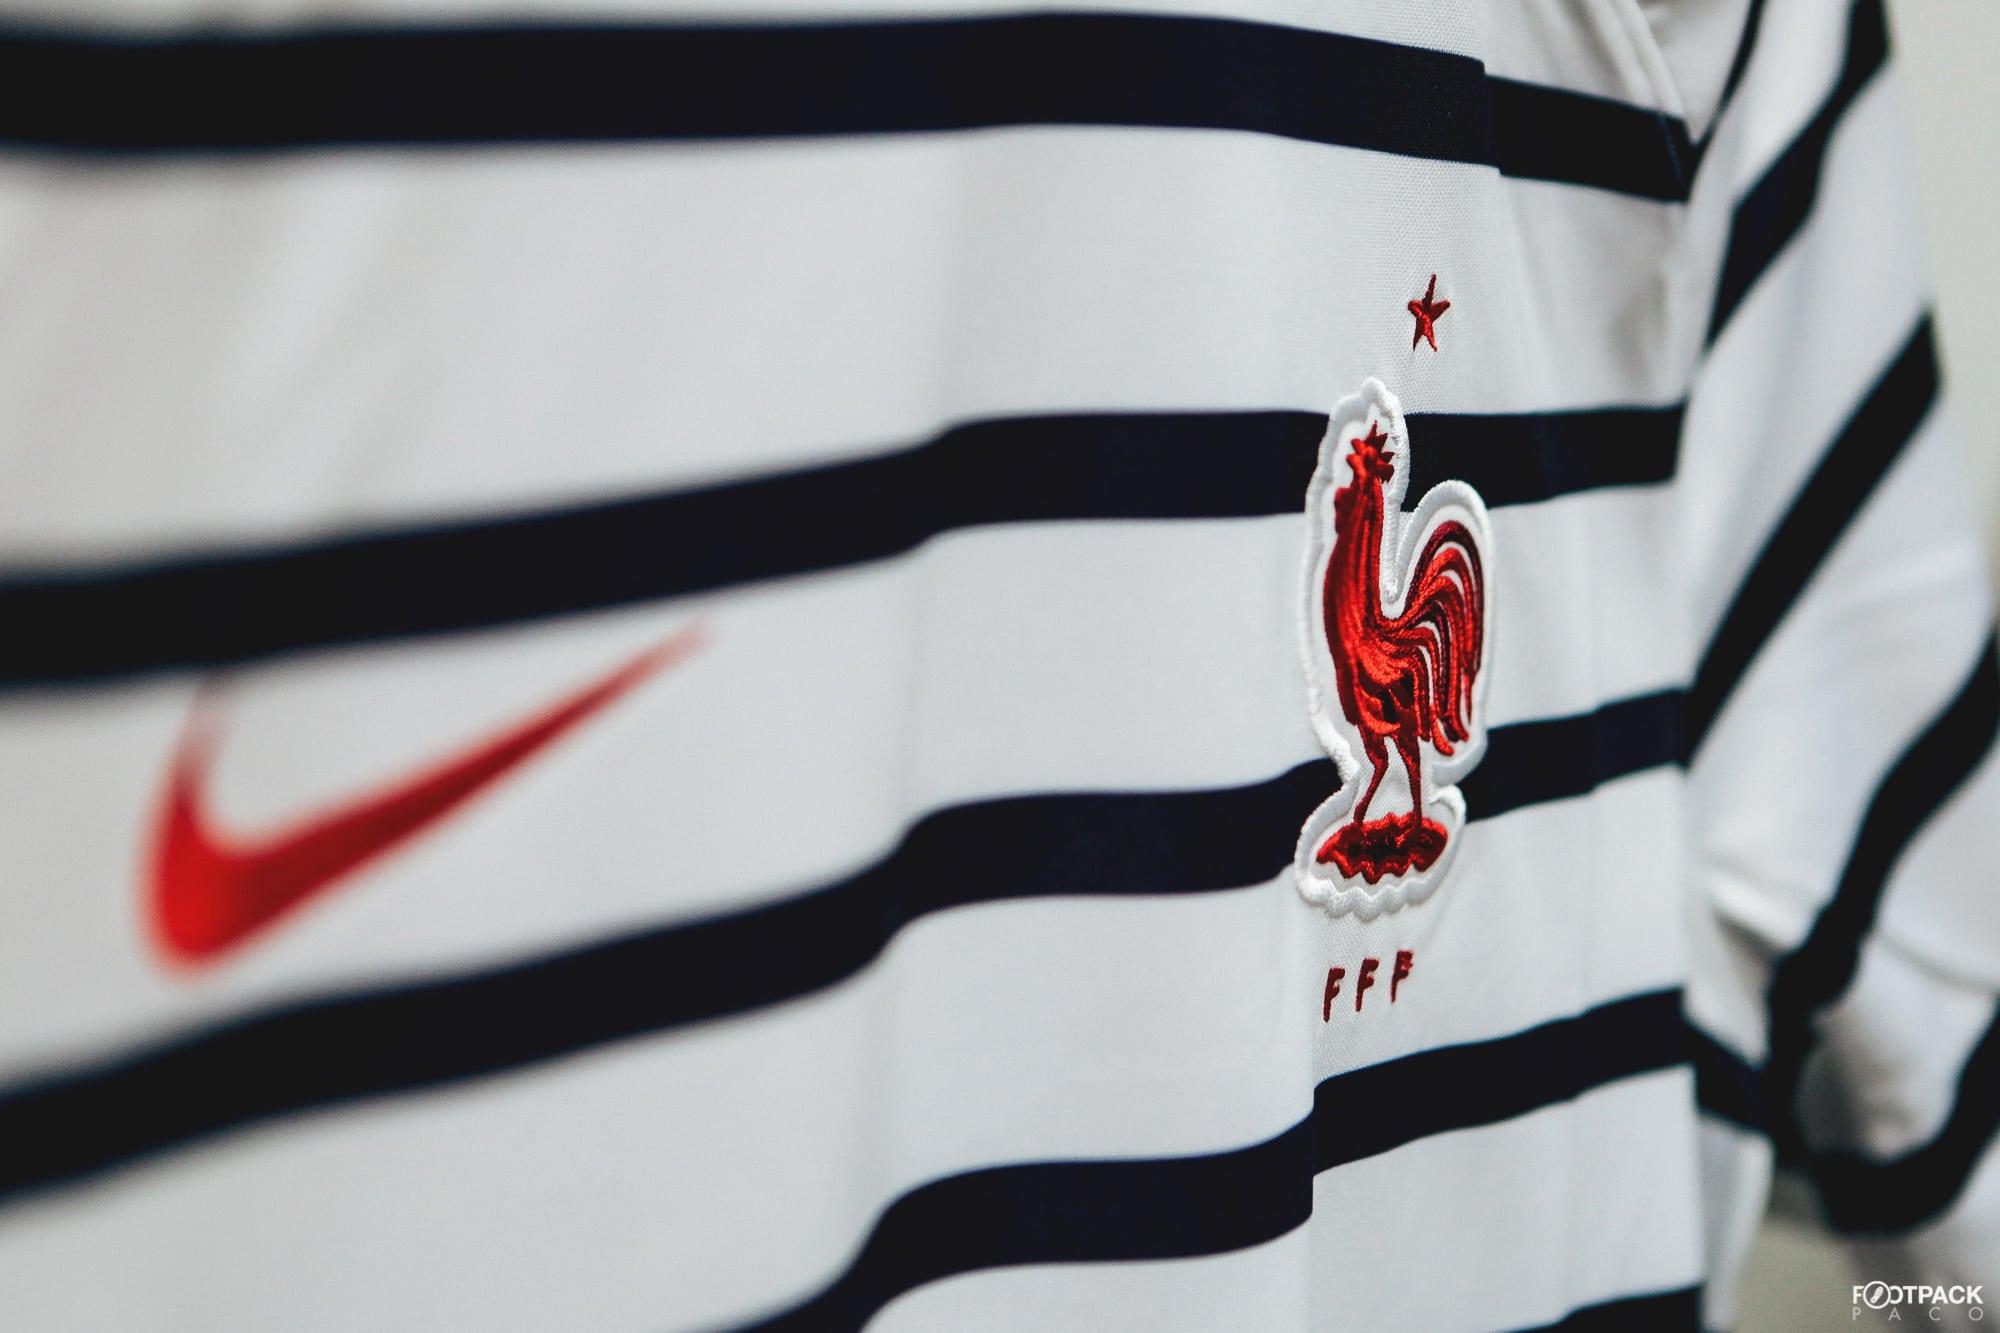 gamme-equipe-de-france-coupe-du-monde-2018-mariniere-2